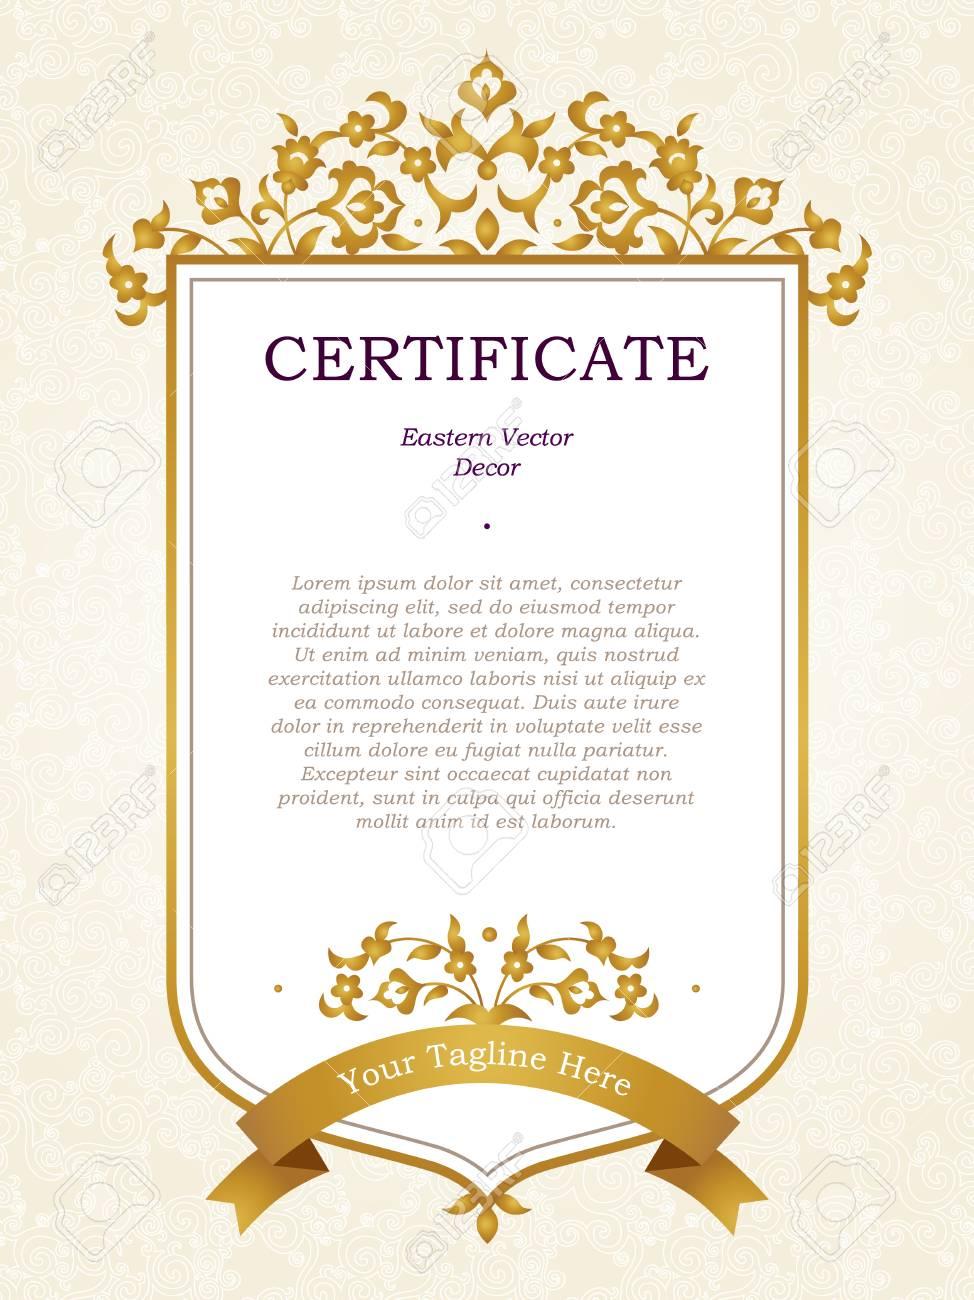 Niedlich Teilen Zertifikatvorlage Bilder - Bilder für das Lebenslauf ...